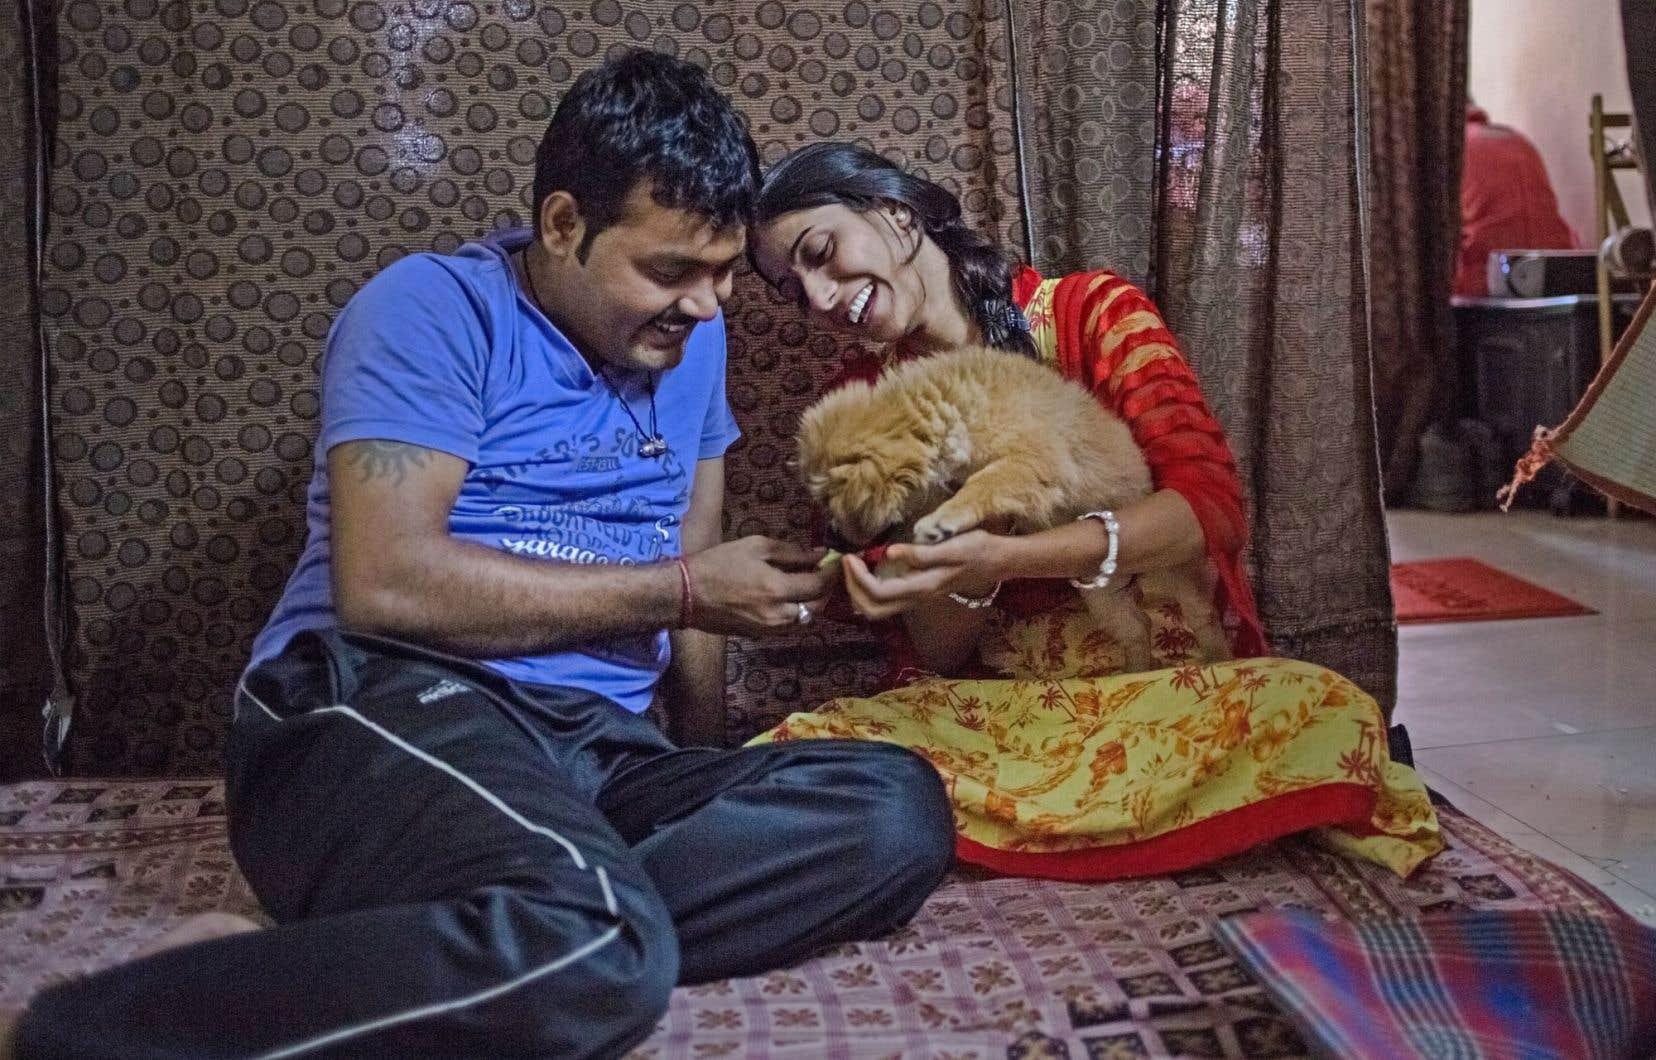 Vibhor et Deepika, tous deux âgés de 24 ans, ont quitté leur famille et leur village pour pouvoir se marier. Ils sont hébergés par l'un des sept refuges de New Delhi proposés par Love Commandos.